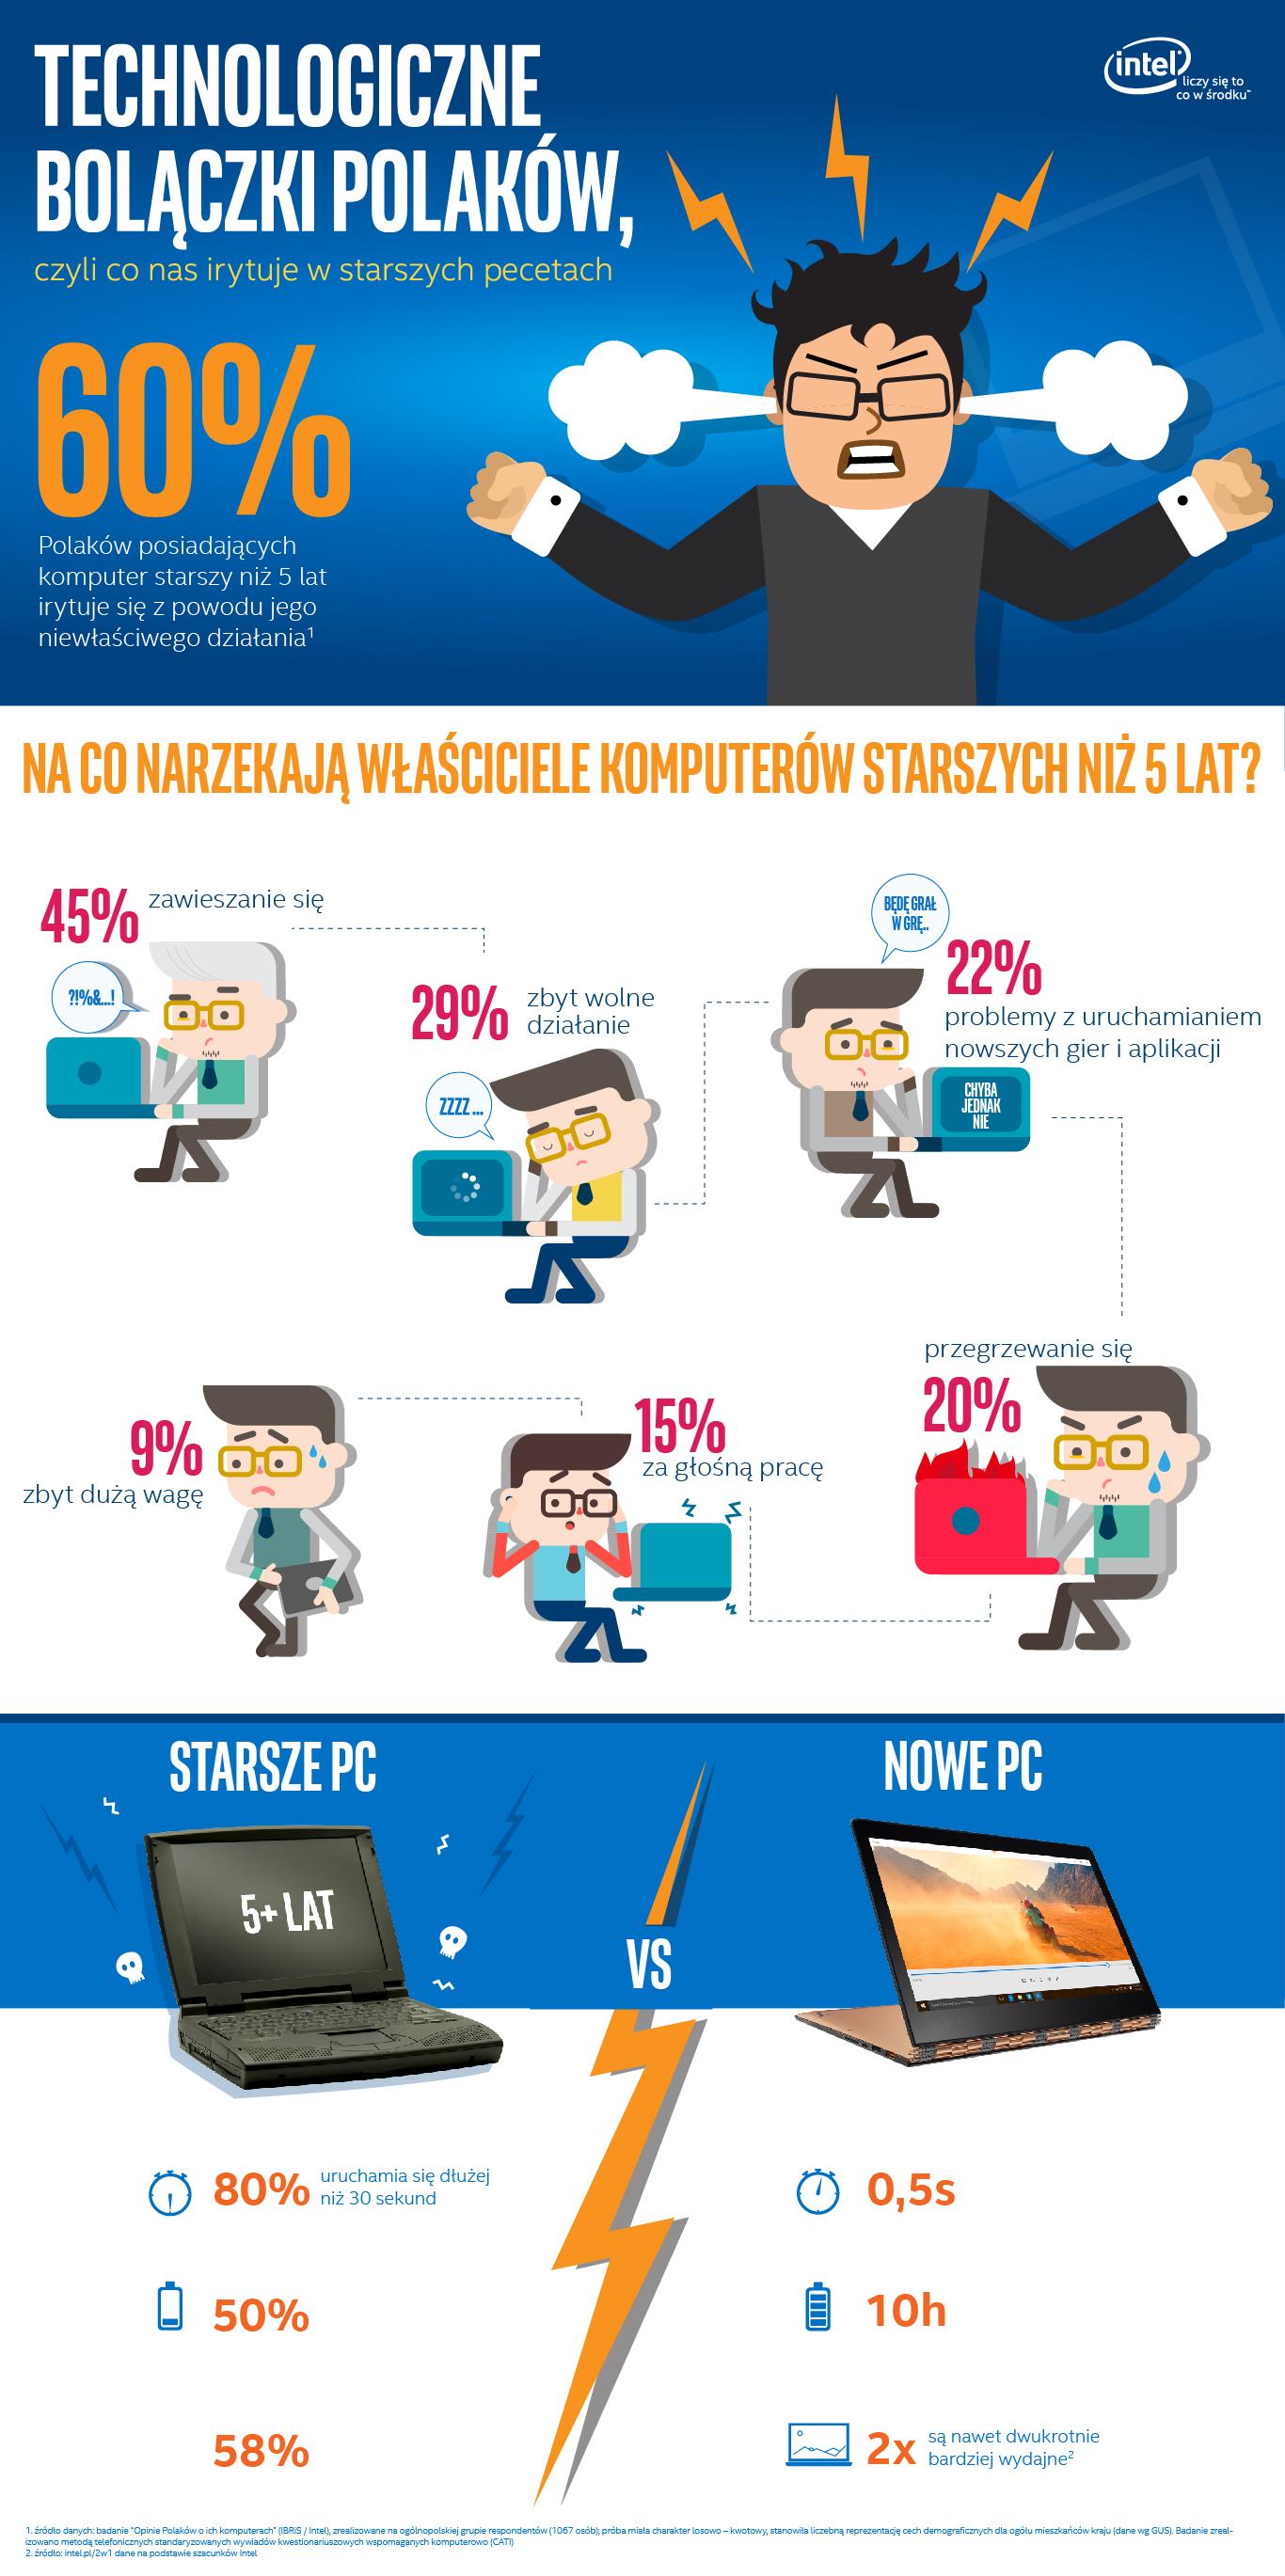 Intel_technologiczne bolaczki Polakow_infografika